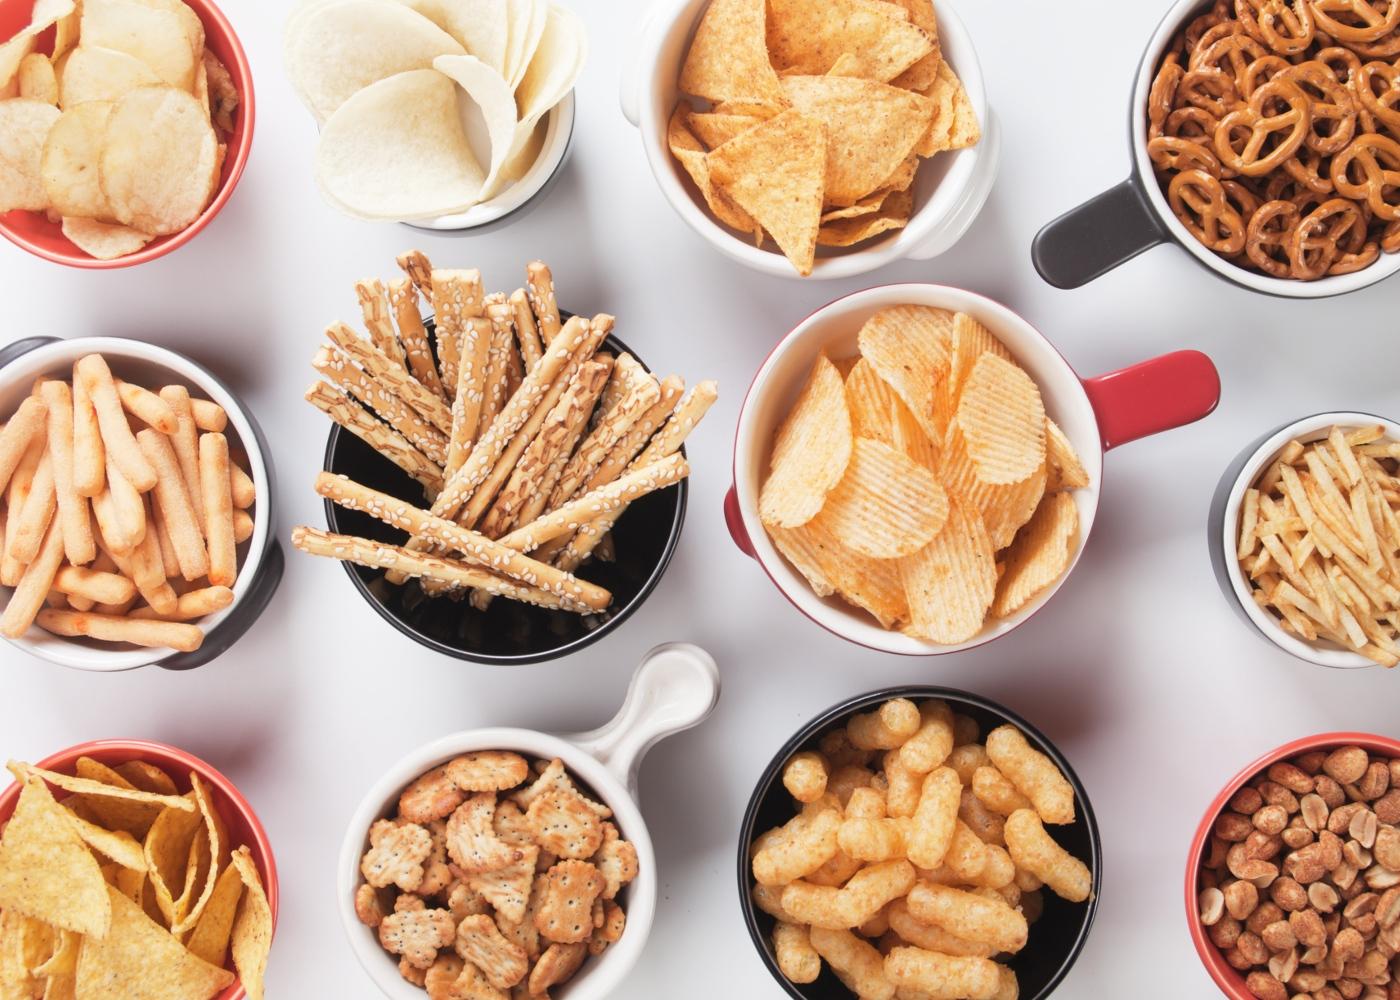 Dar continuidade a um processo de perda de peso durante a quarentena: snacks salgados